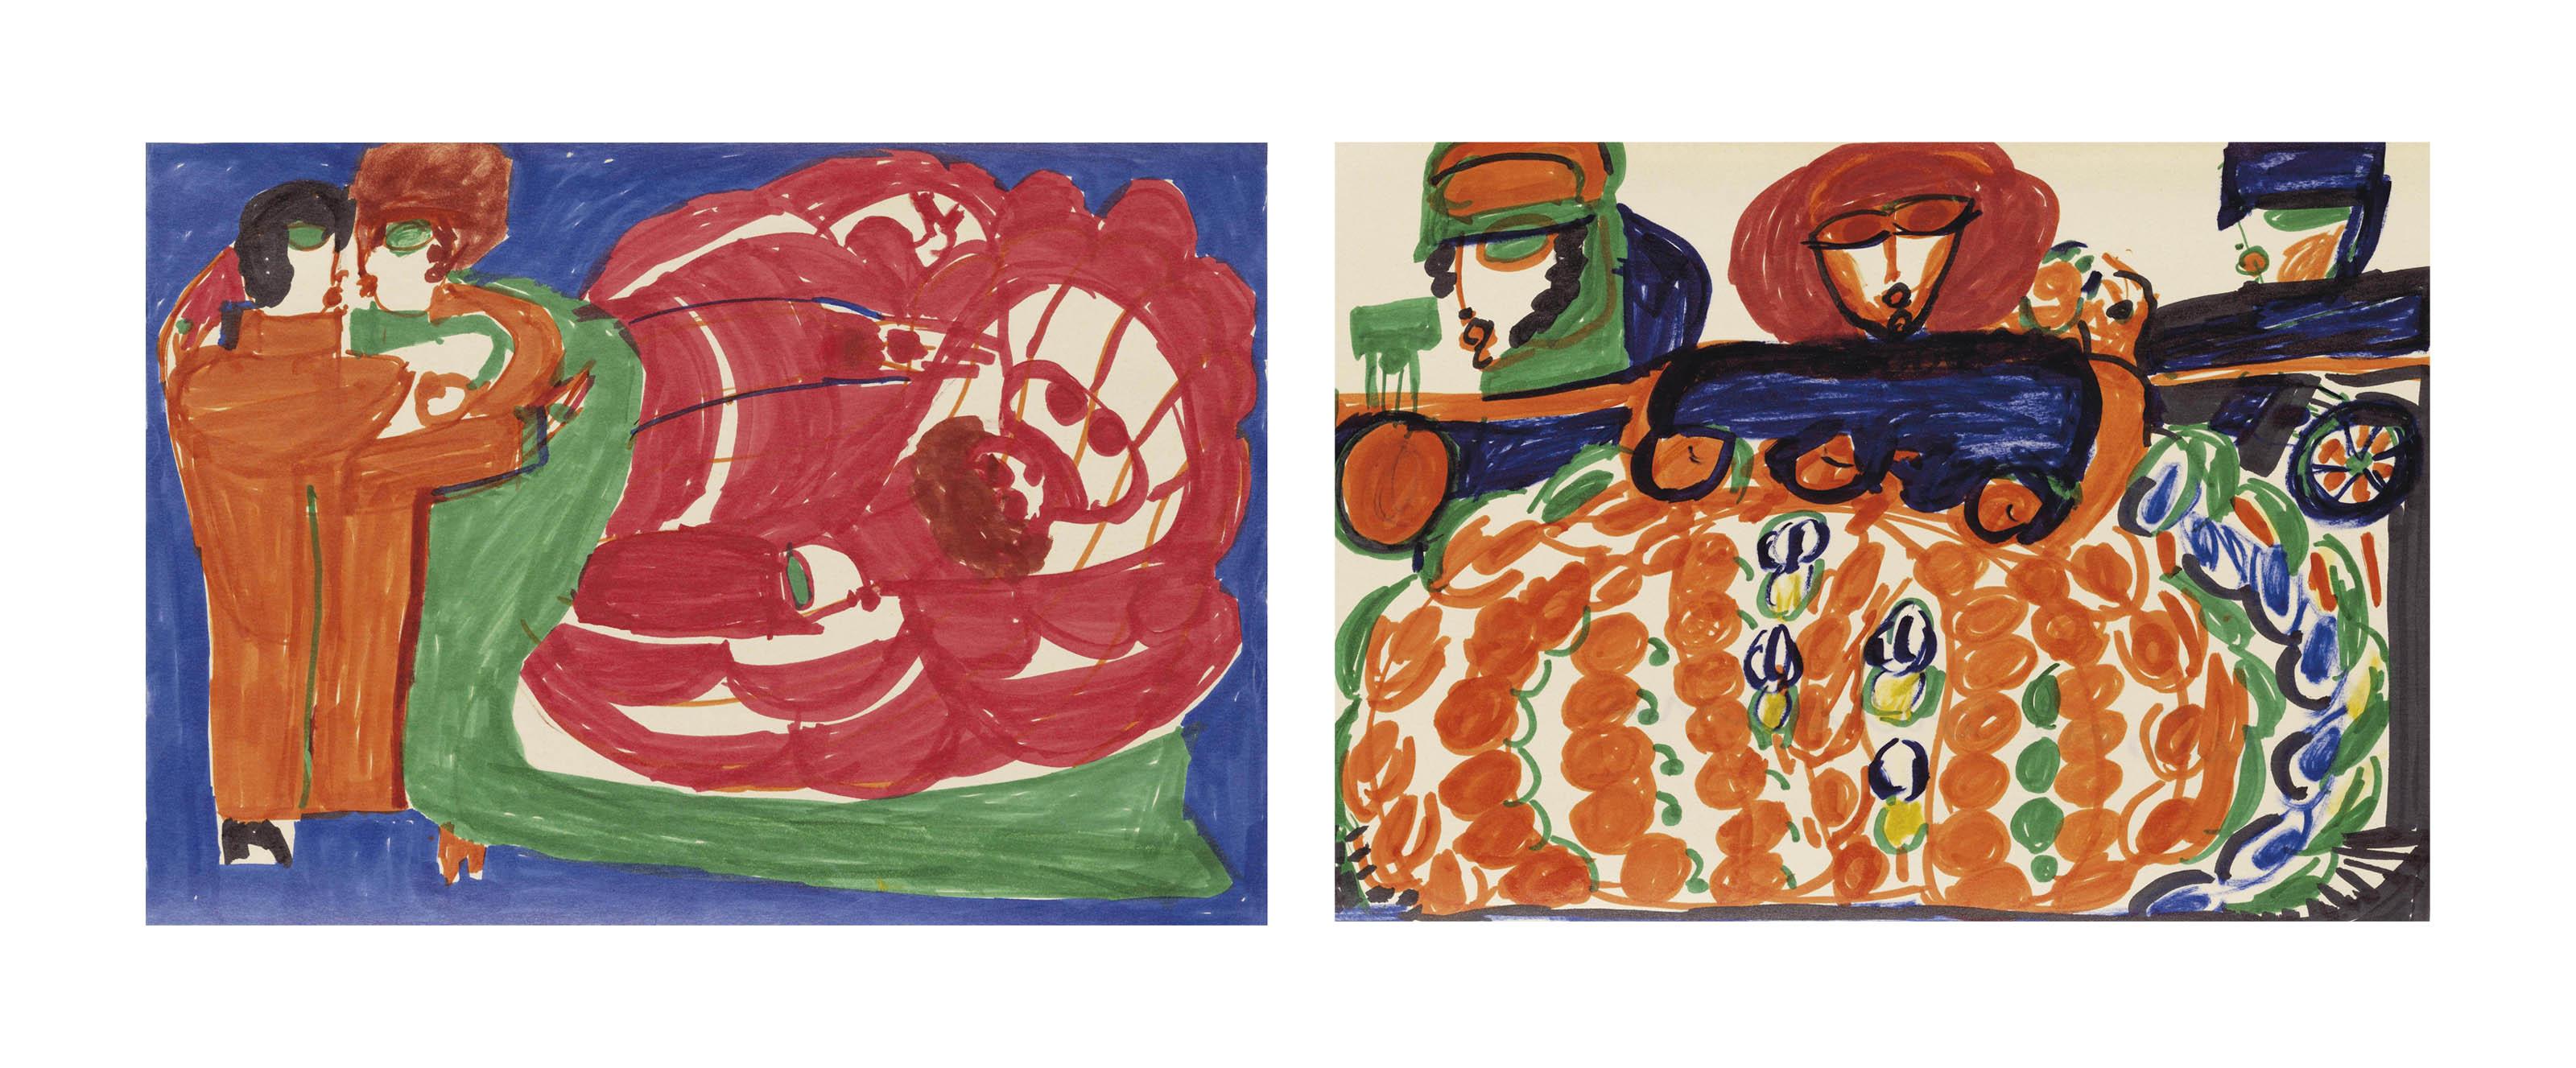 Los von zwei Werken: L'Auto en couronne, um 1963-64  Ballet de Vienne, um 1963-64